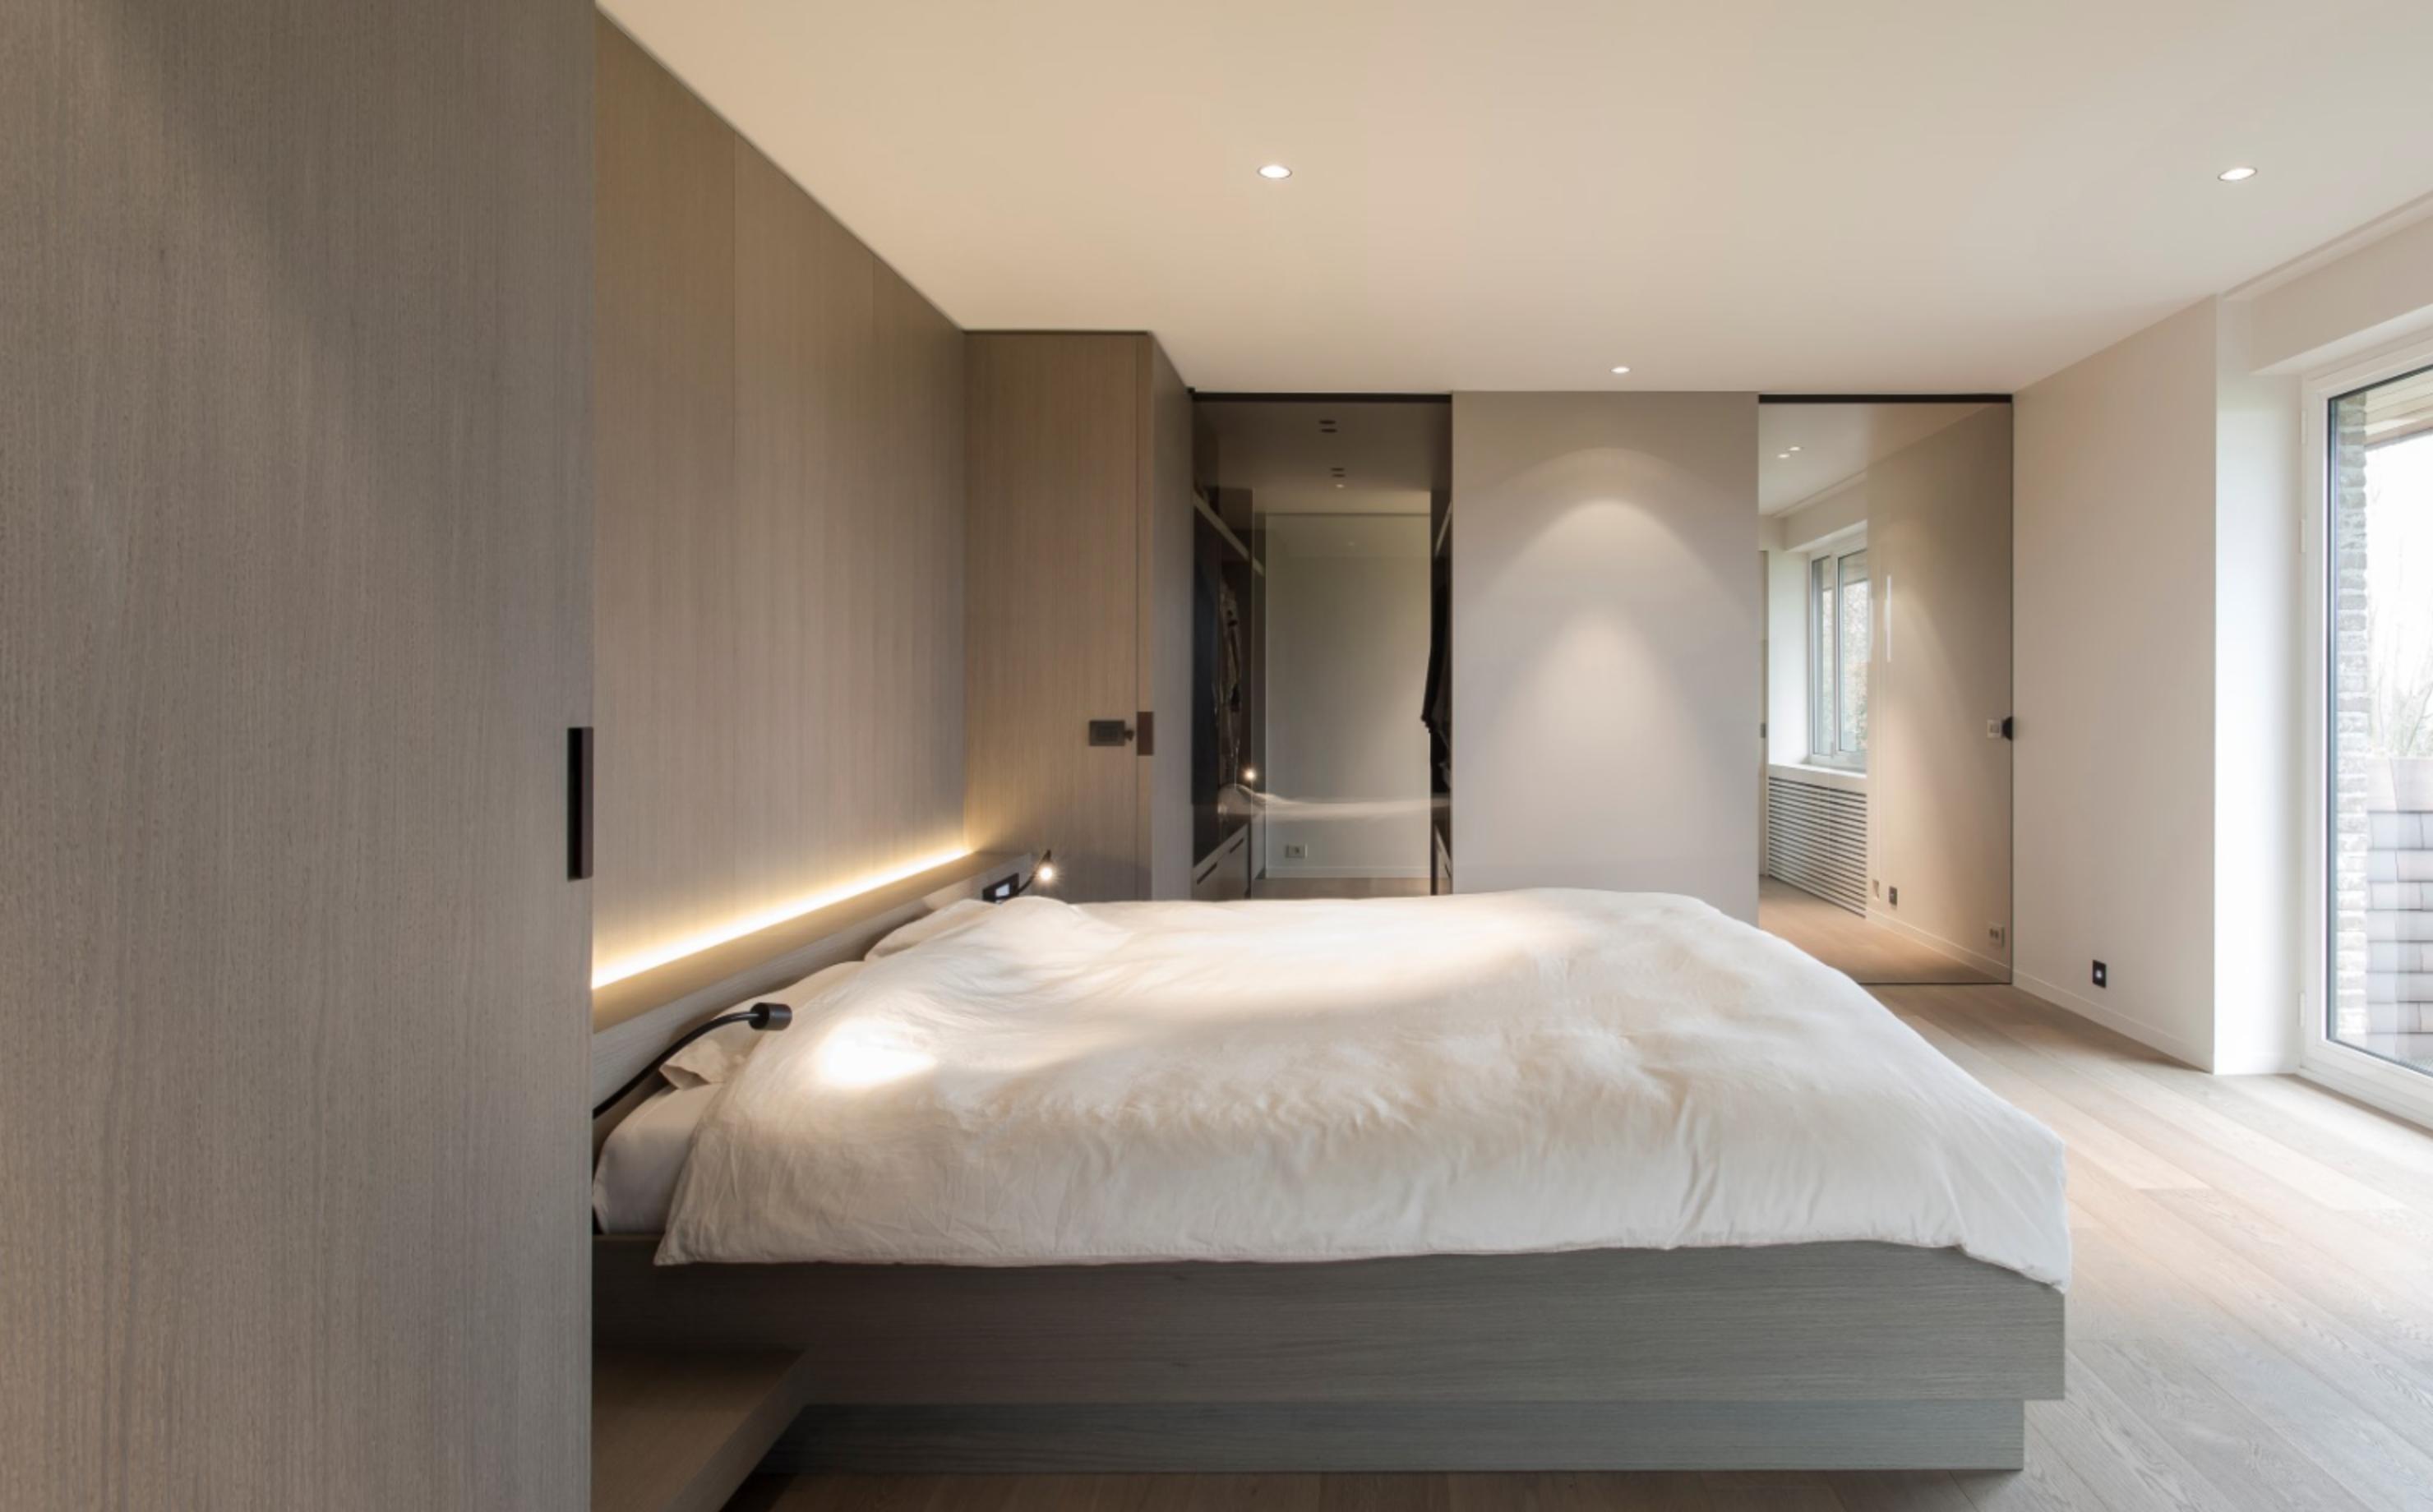 Glas In Slaapkamer : Slaapkamer inrichting achter glazen schuifdeuren interieur